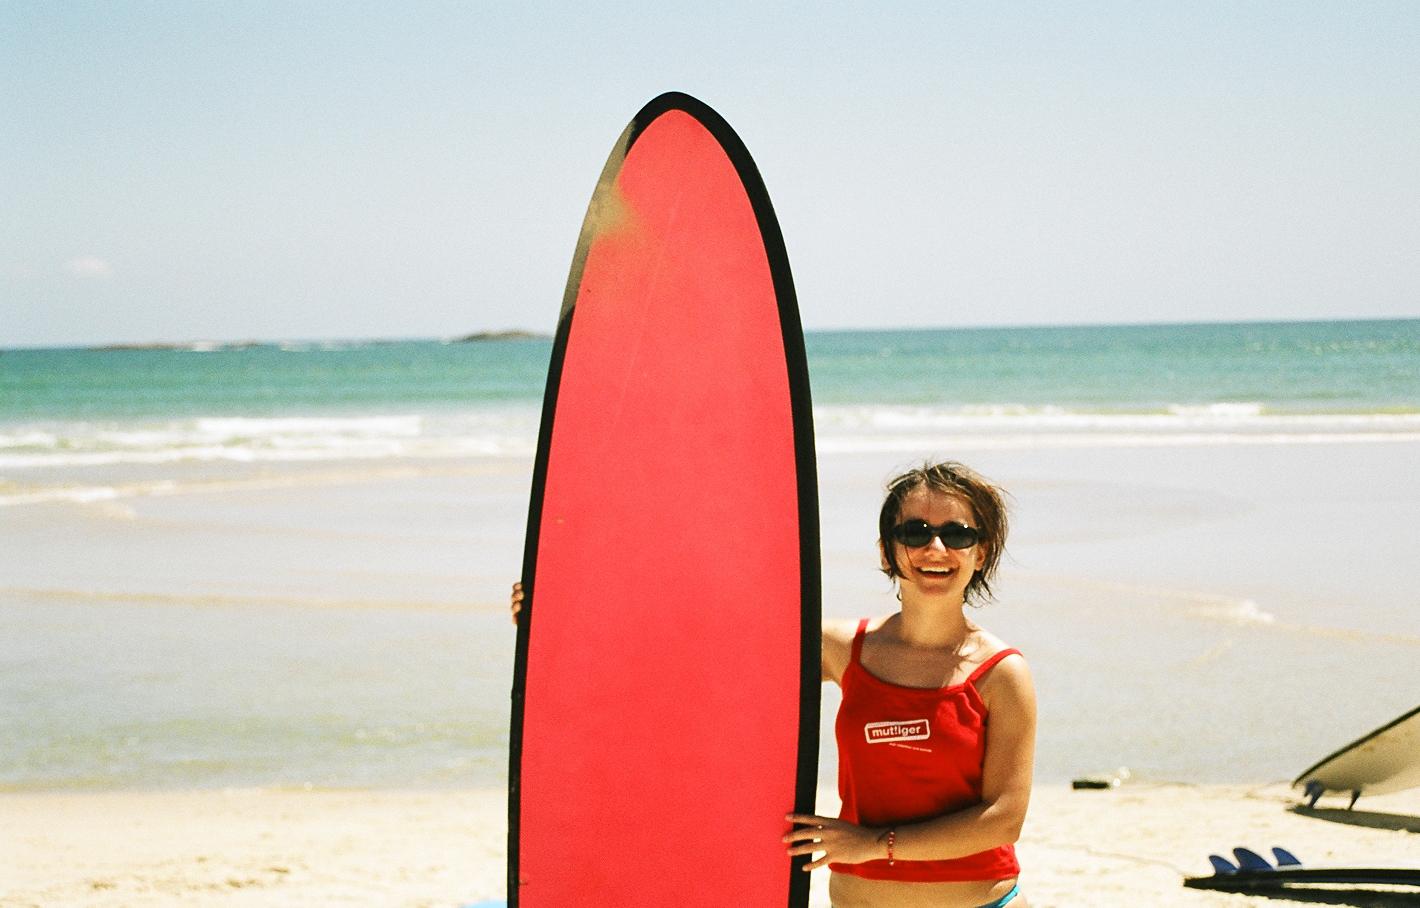 Manuela Mylonas beim Surfkurs in Australien; Foto: ©Manuela Mylonas